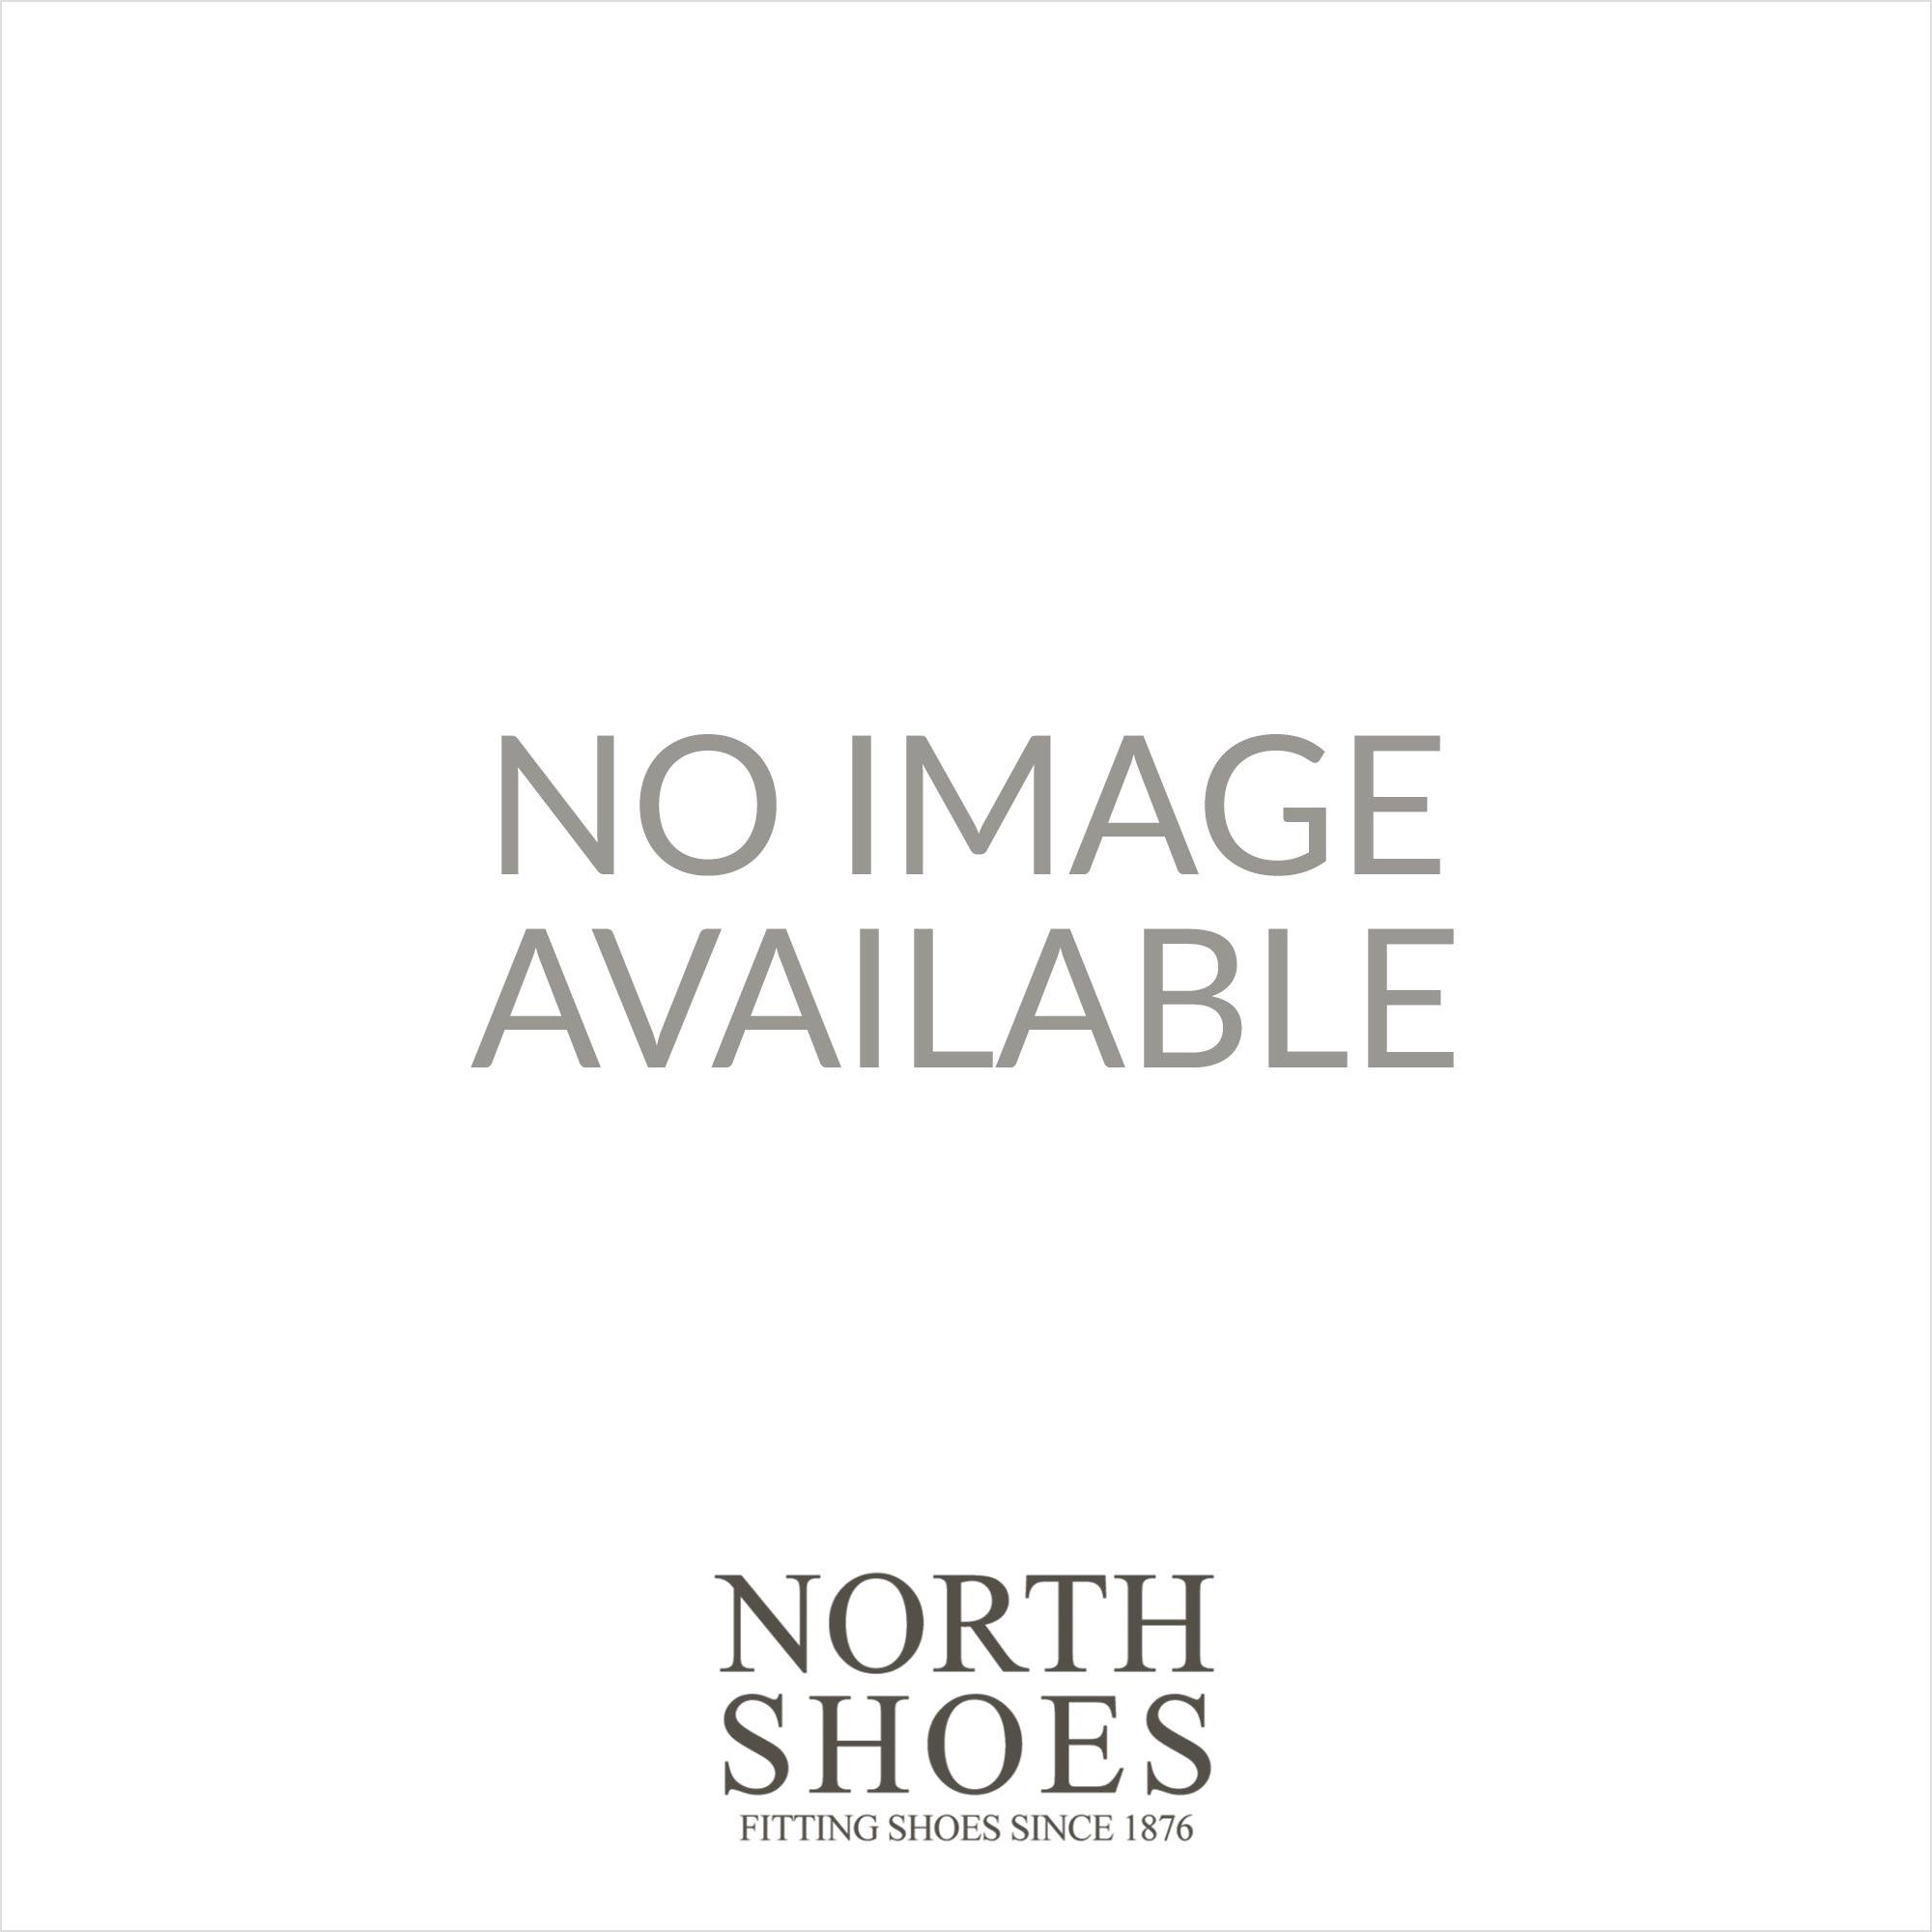 40085-14, Womens Loafers Rieker